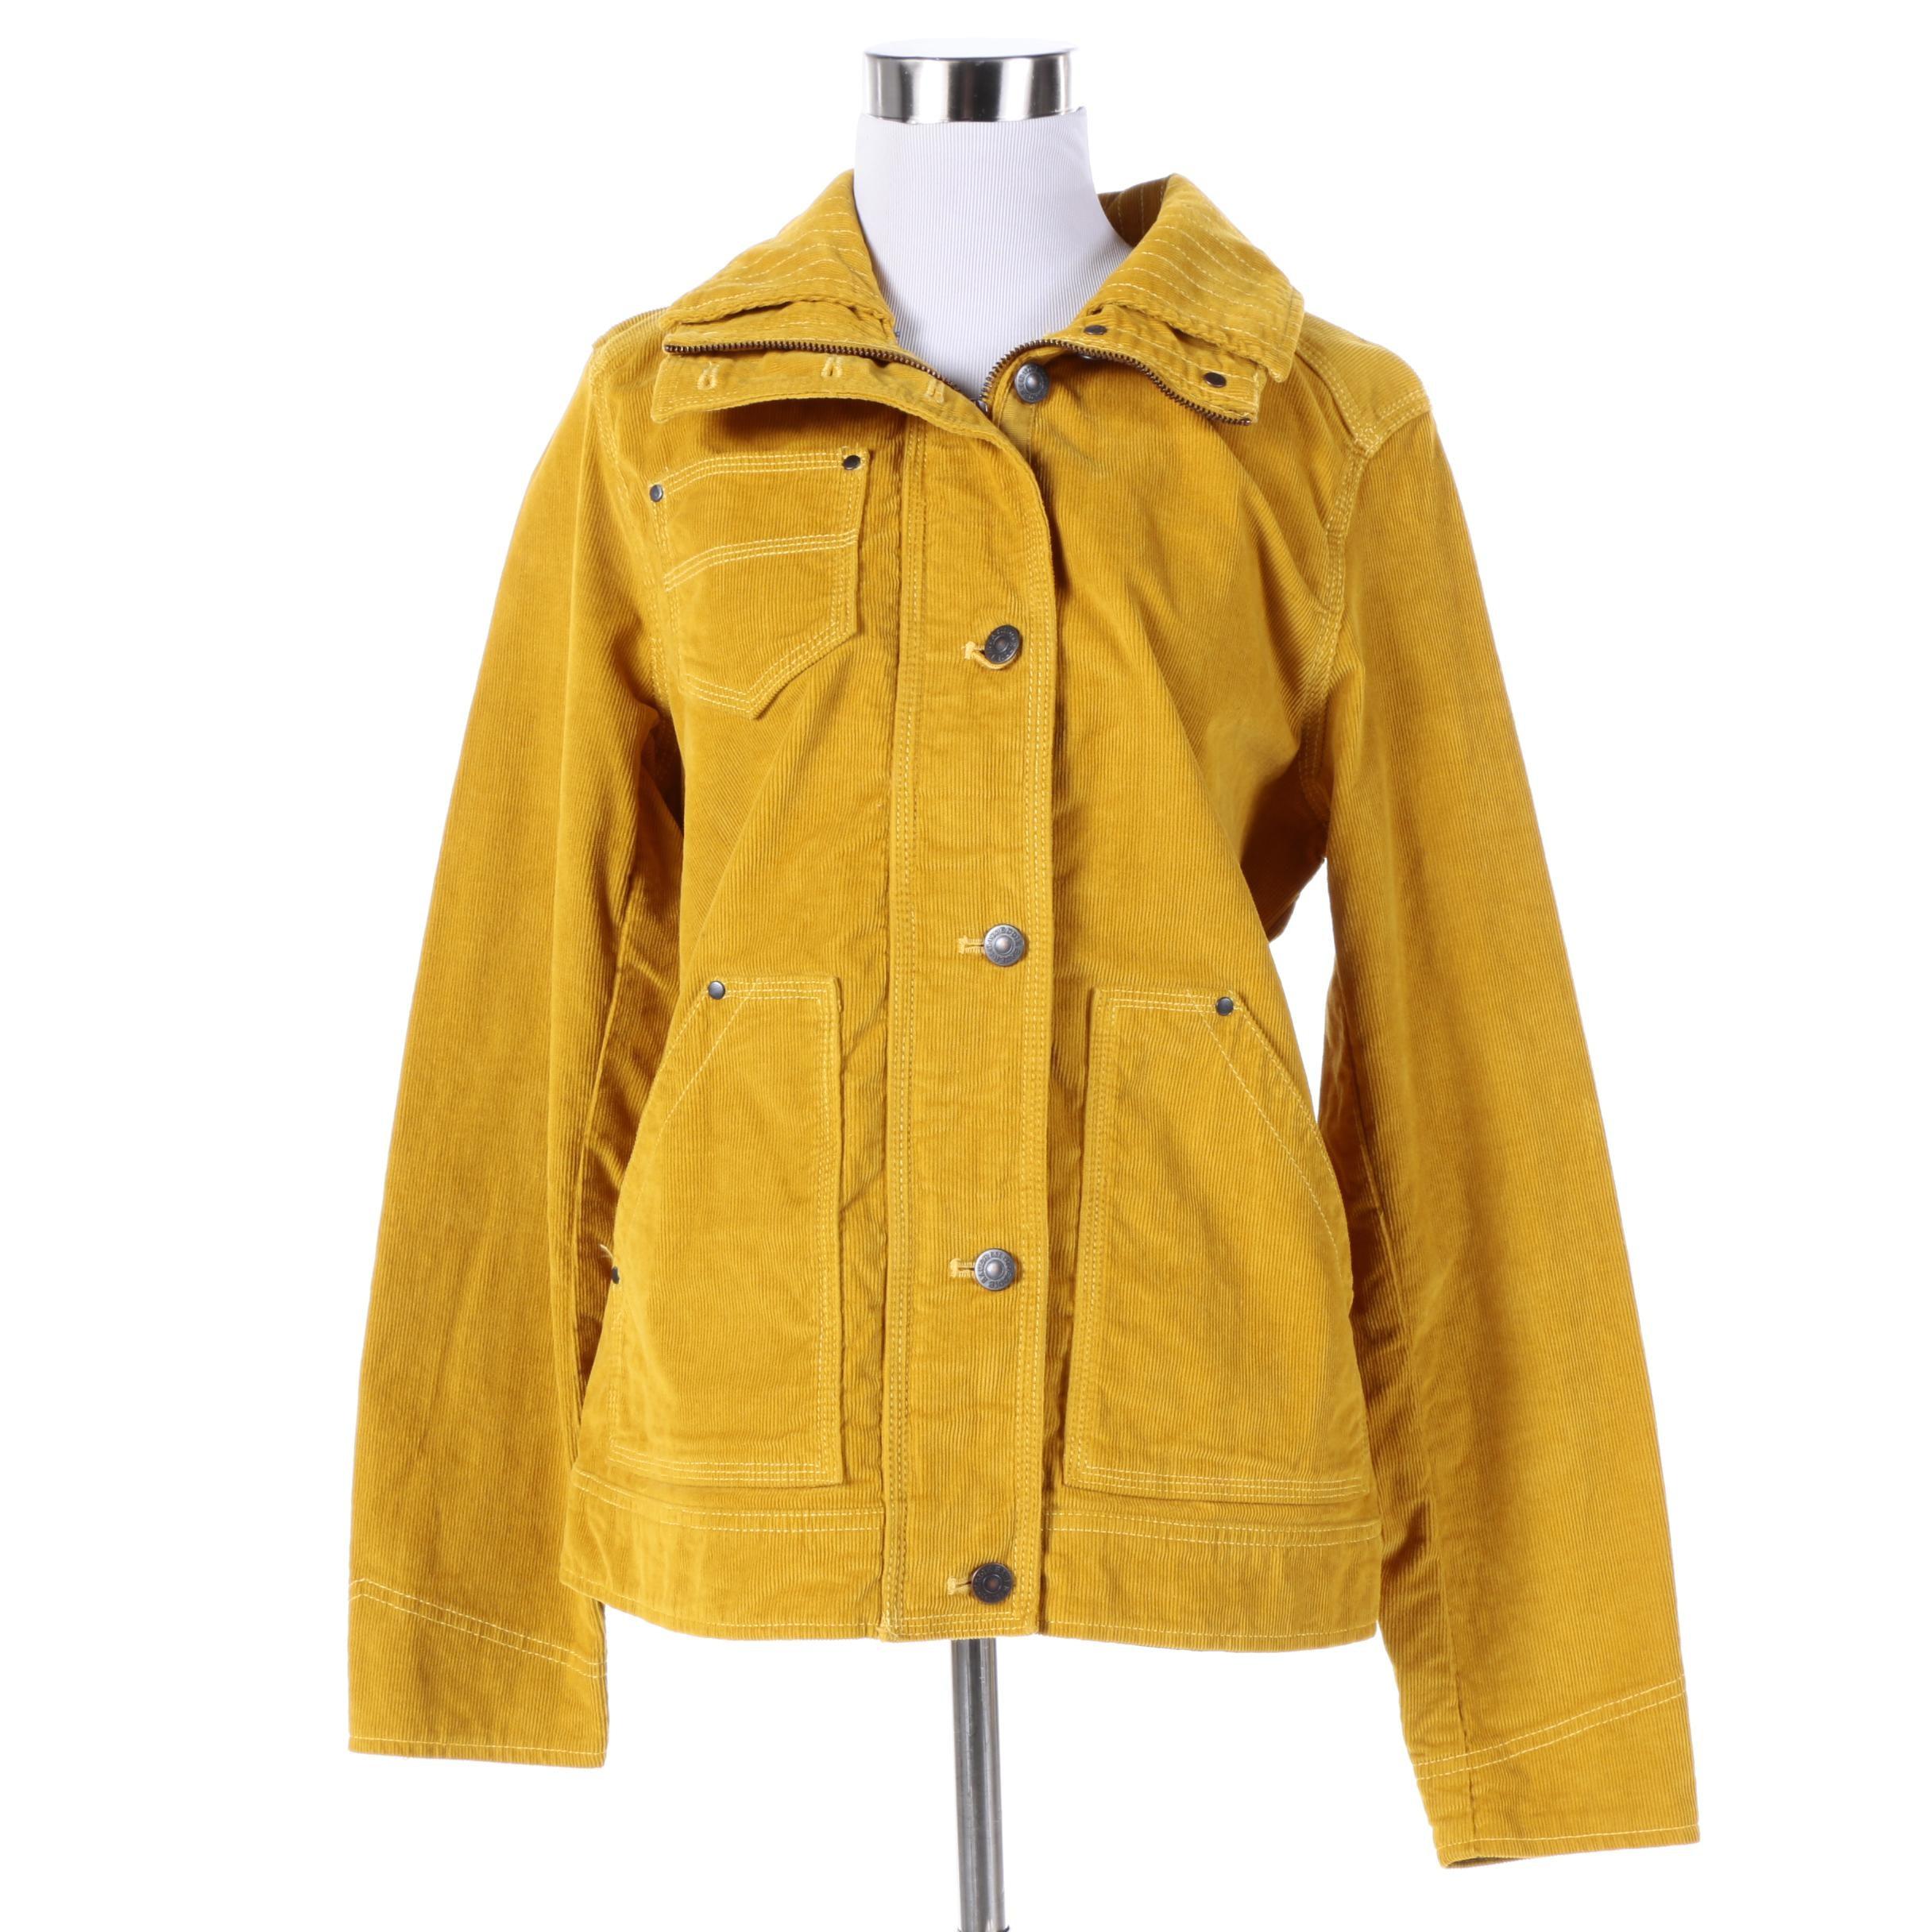 Women's Eddie Bauer Mustard Yellow Corduroy Jacket